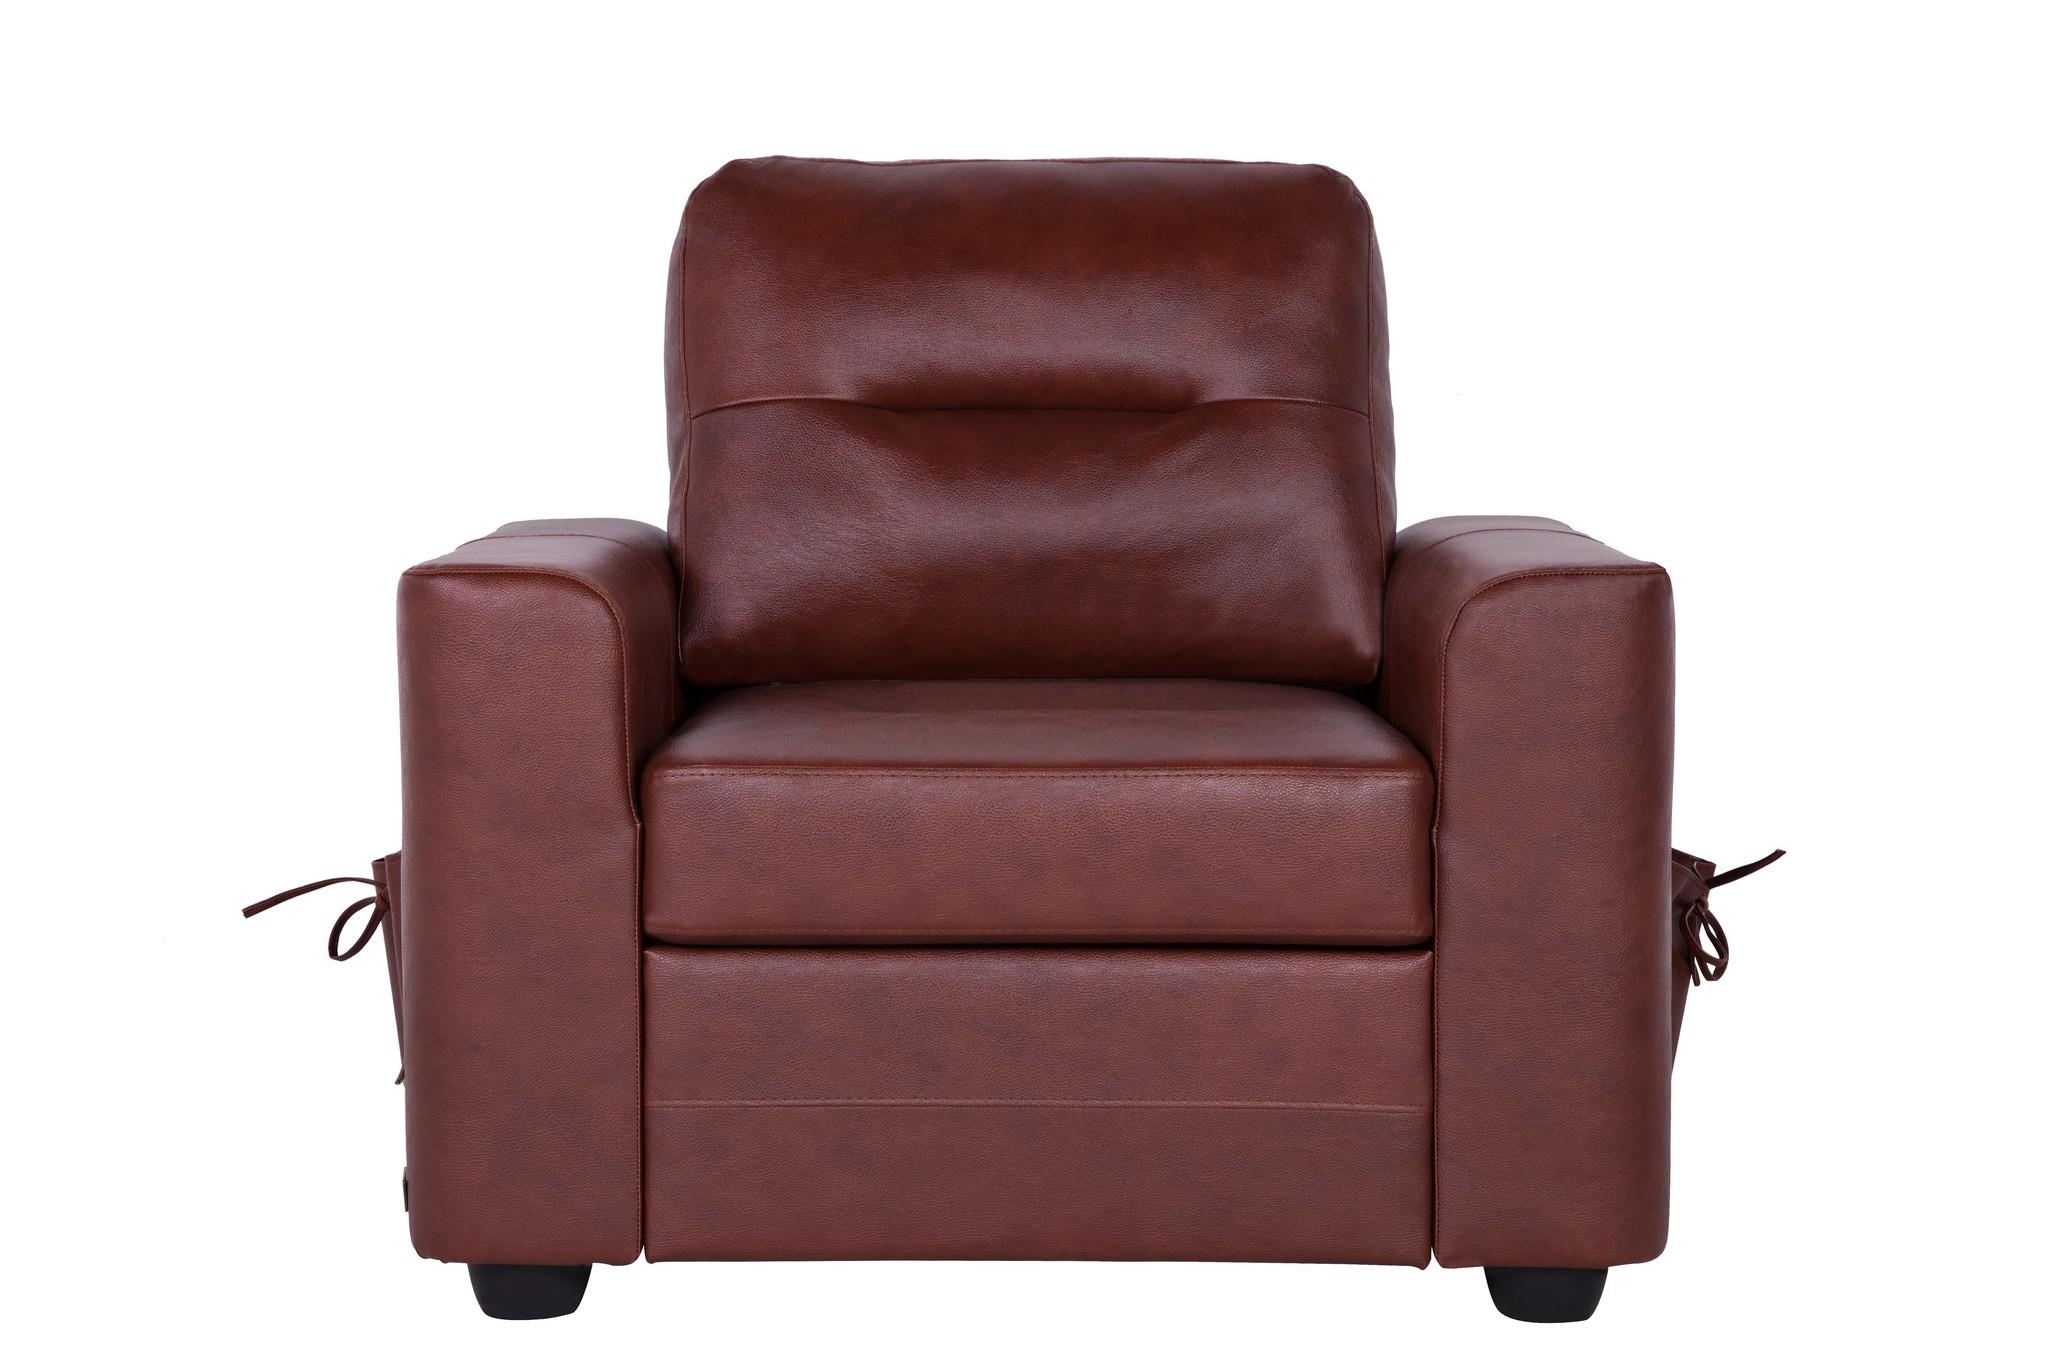 Кресло БеллиноКожаные кресла<br>Модели «Беллино» присуща яркая индивидуальность и законченность во всем облике, благодаря эффективным боковым карманам. Дизайн является продуктом сочетания модных тенденций лаконичности минимализма и классики, что позволяет ему дополнить интерьер гостиной, кабинета или холла. Натуральная кожа bellagio whisky.<br><br>Material: Кожа<br>Width см: 100<br>Depth см: 85<br>Height см: 70